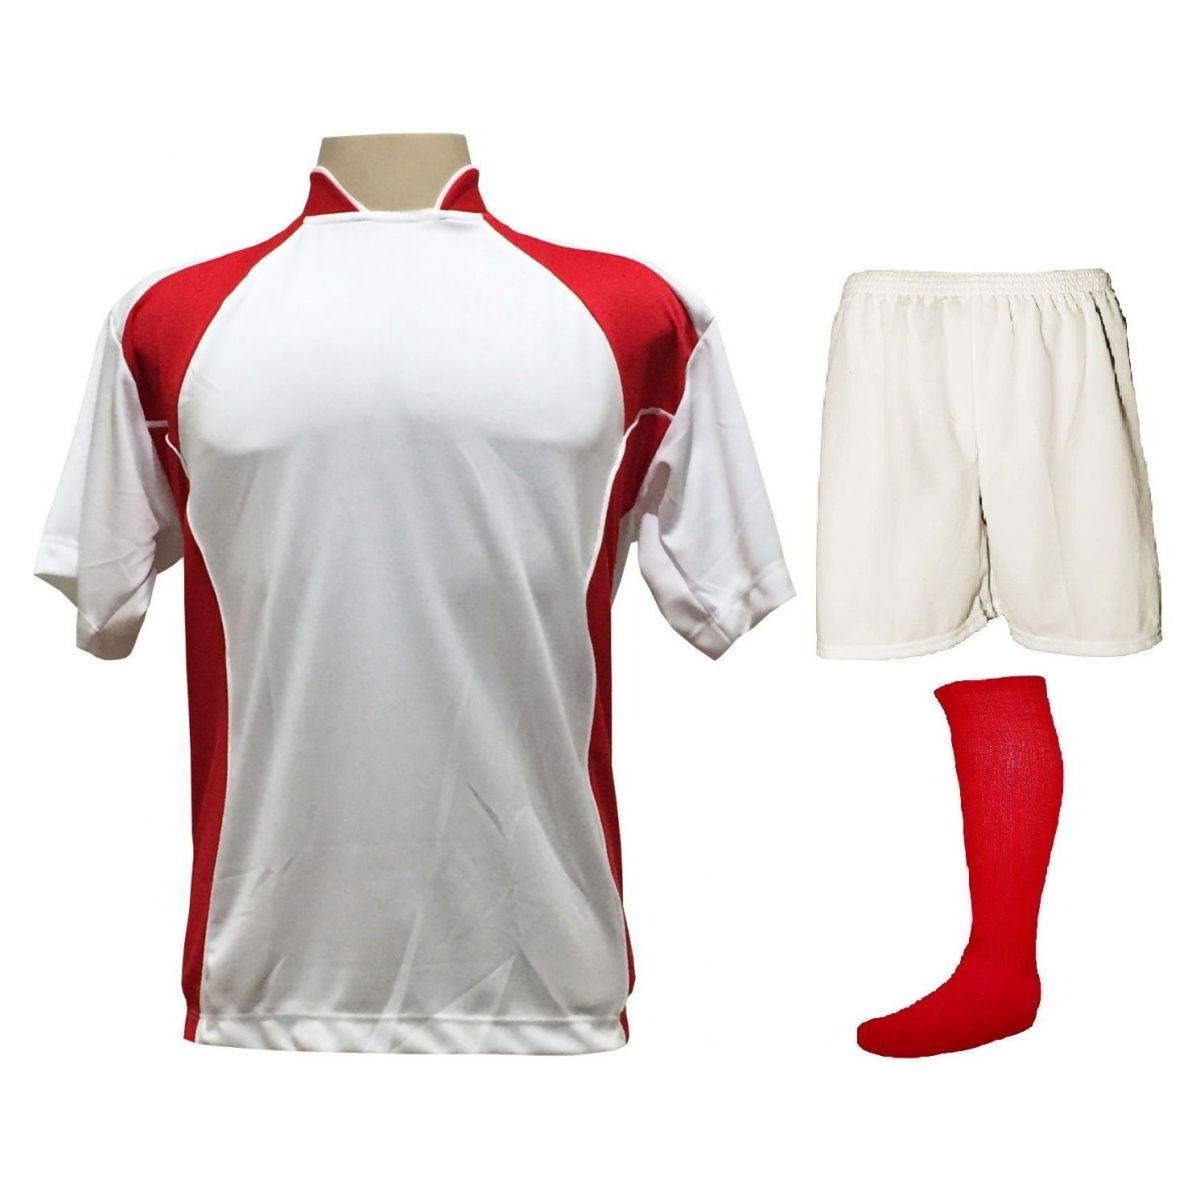 88a3e4a7d1 Uniforme Esportivo com 14 camisas modelo Suécia Branco Vermelho + 14  calções modelo Madrid Branco ...